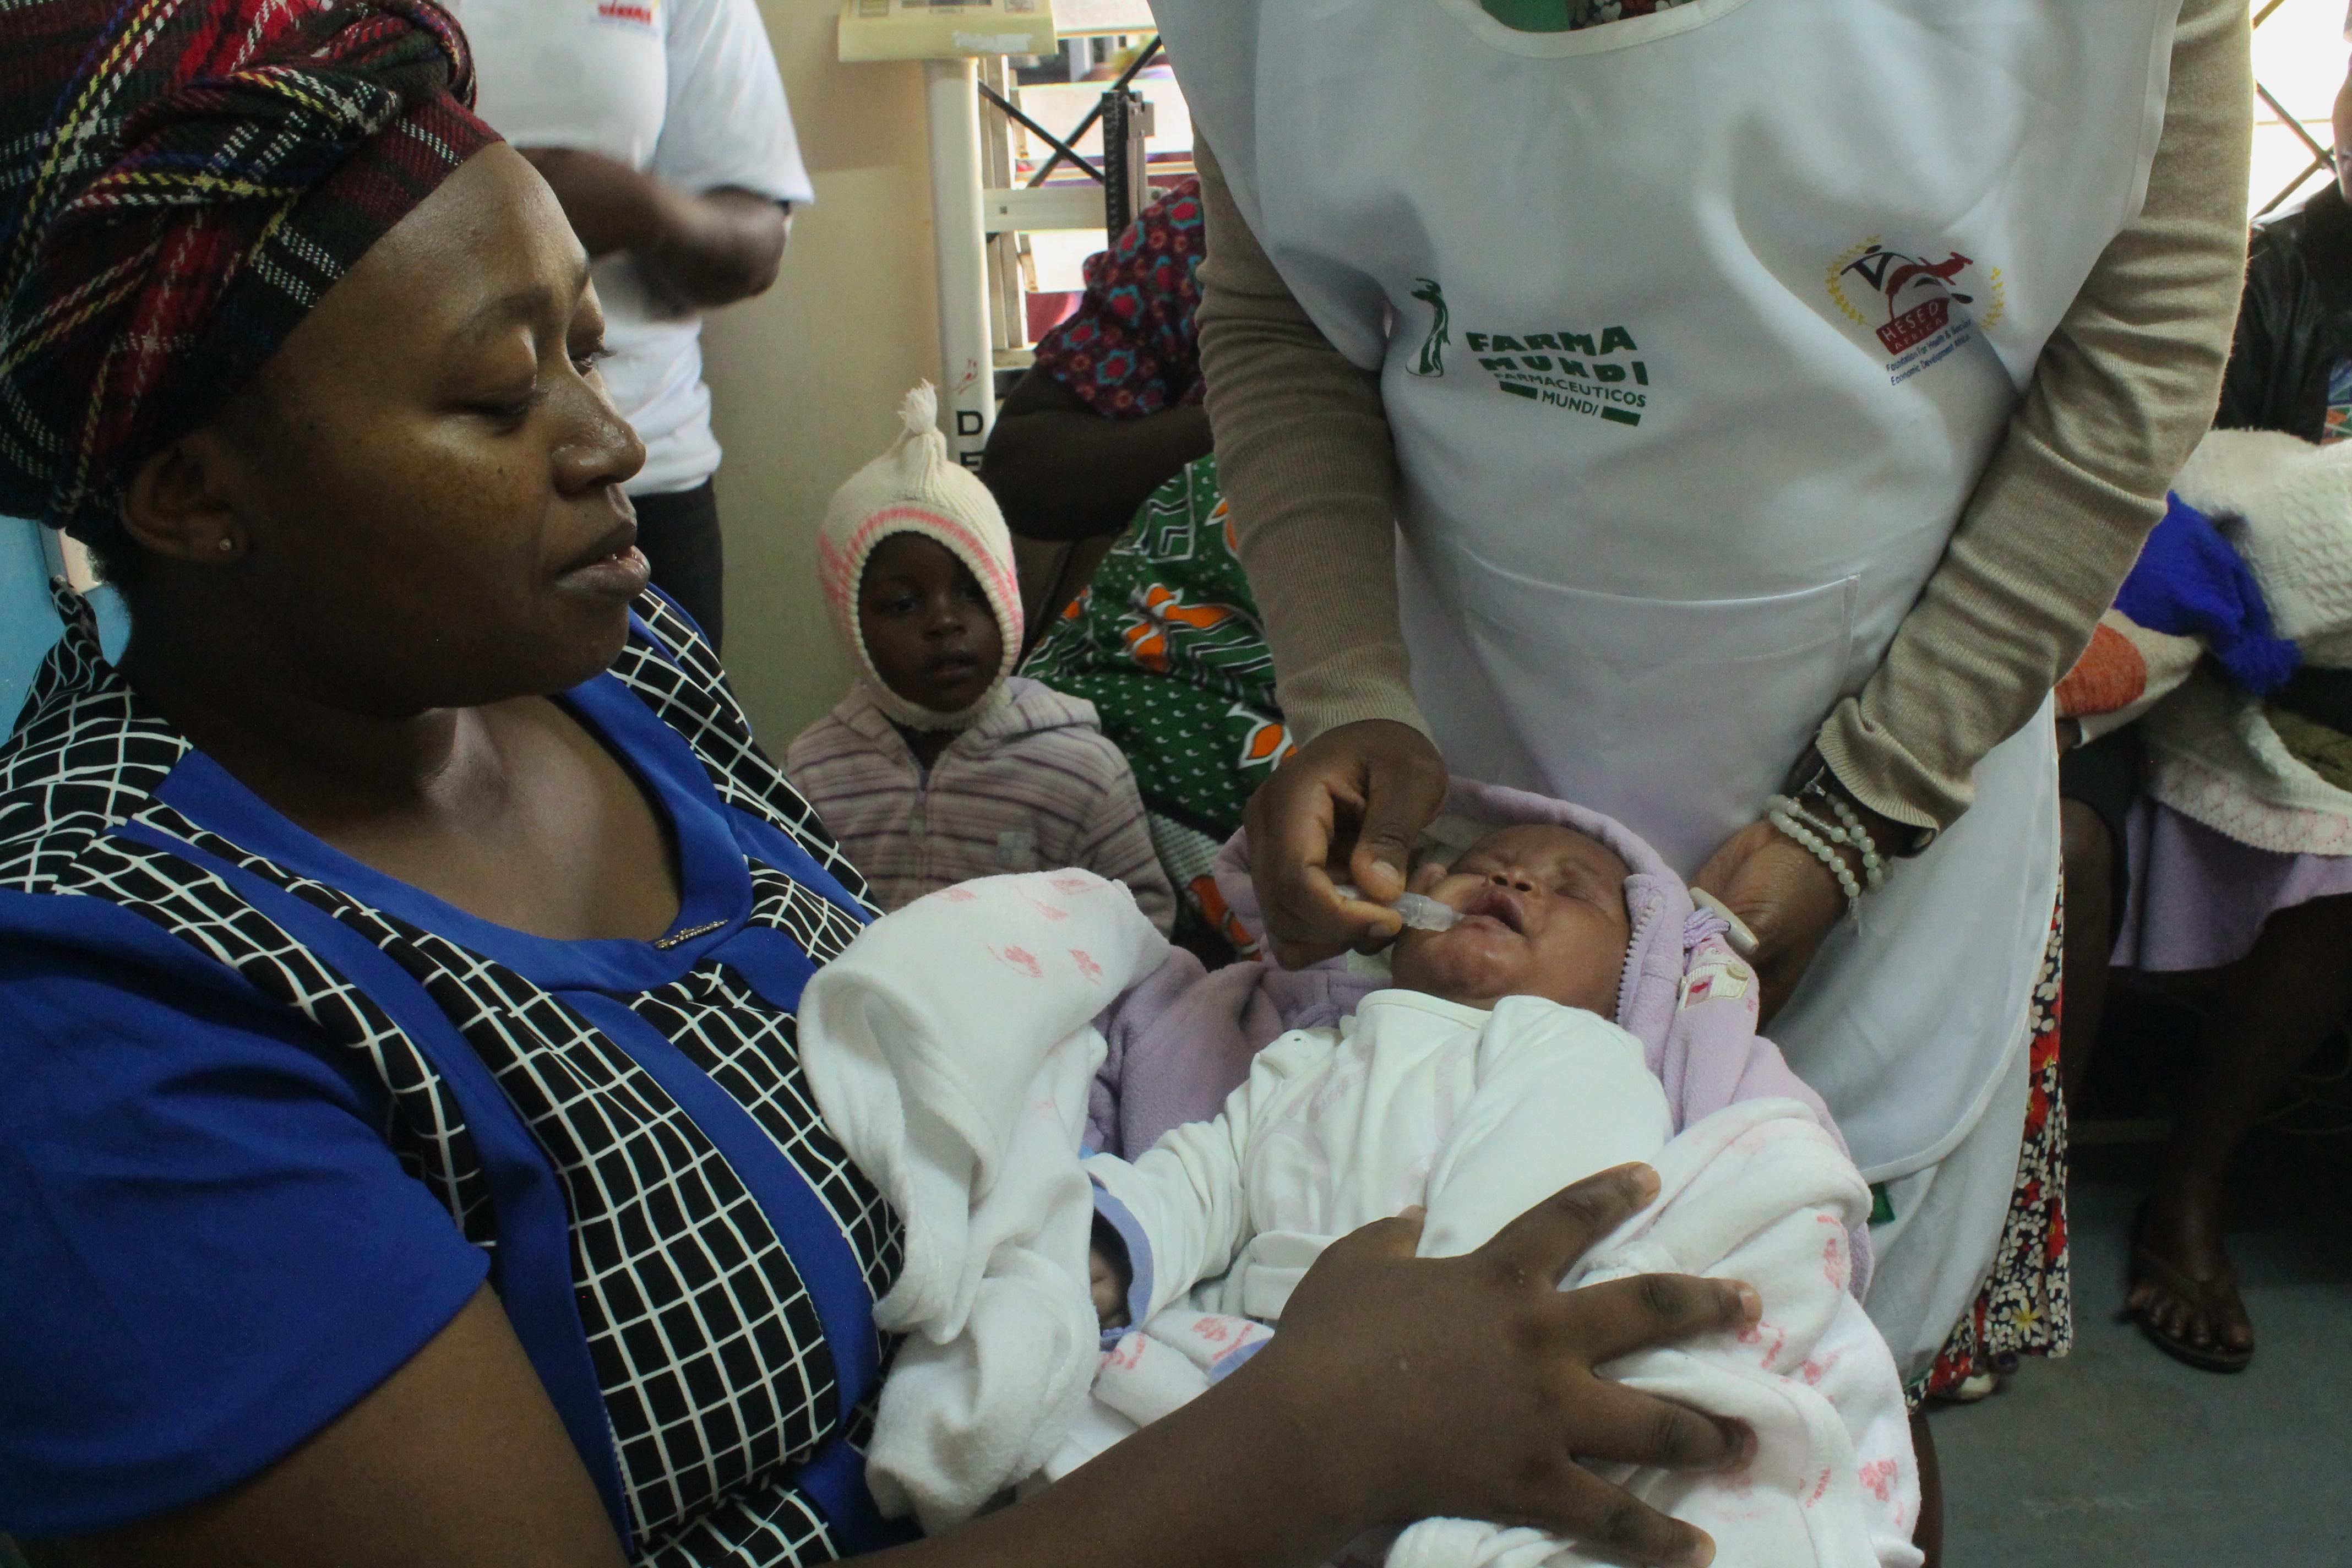 Ofrecemos asistencia sanitaria, alimentos y kits de higiene a familias refugiadas en Nairobi